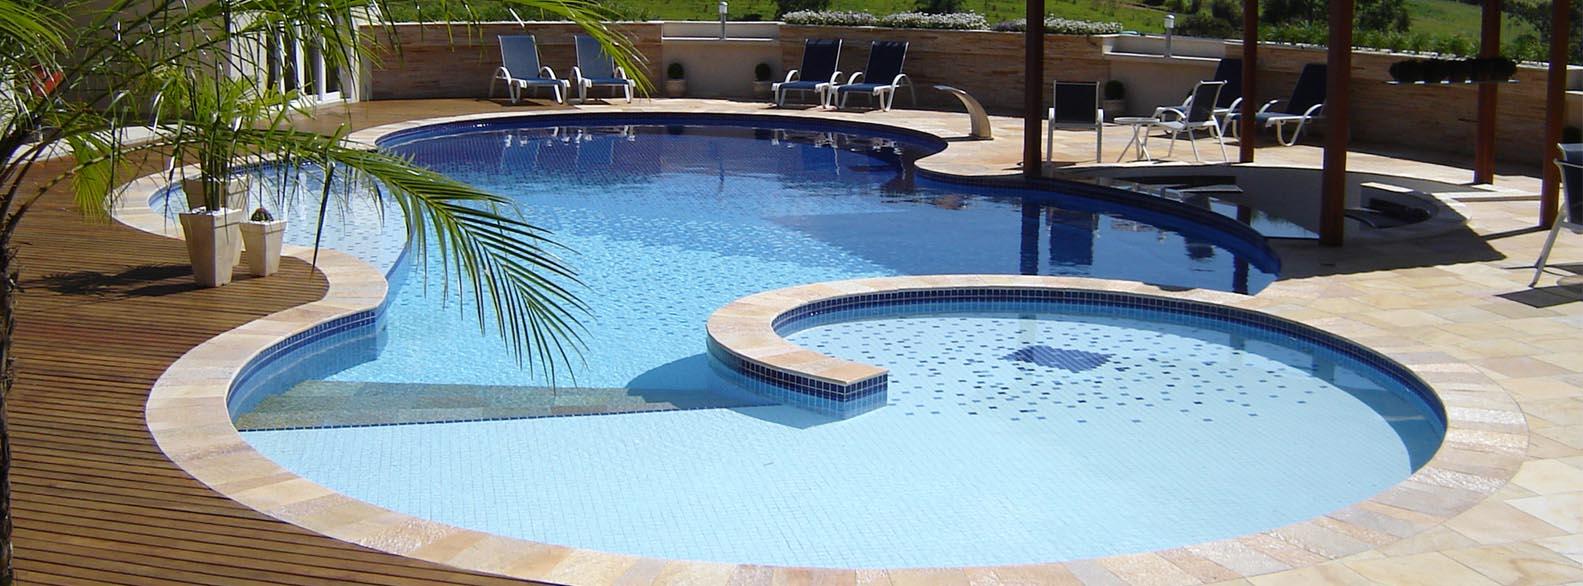 Piscina de azulejo piscina de concreto e piscina de alvenaria for Modelos de piscinas de cemento